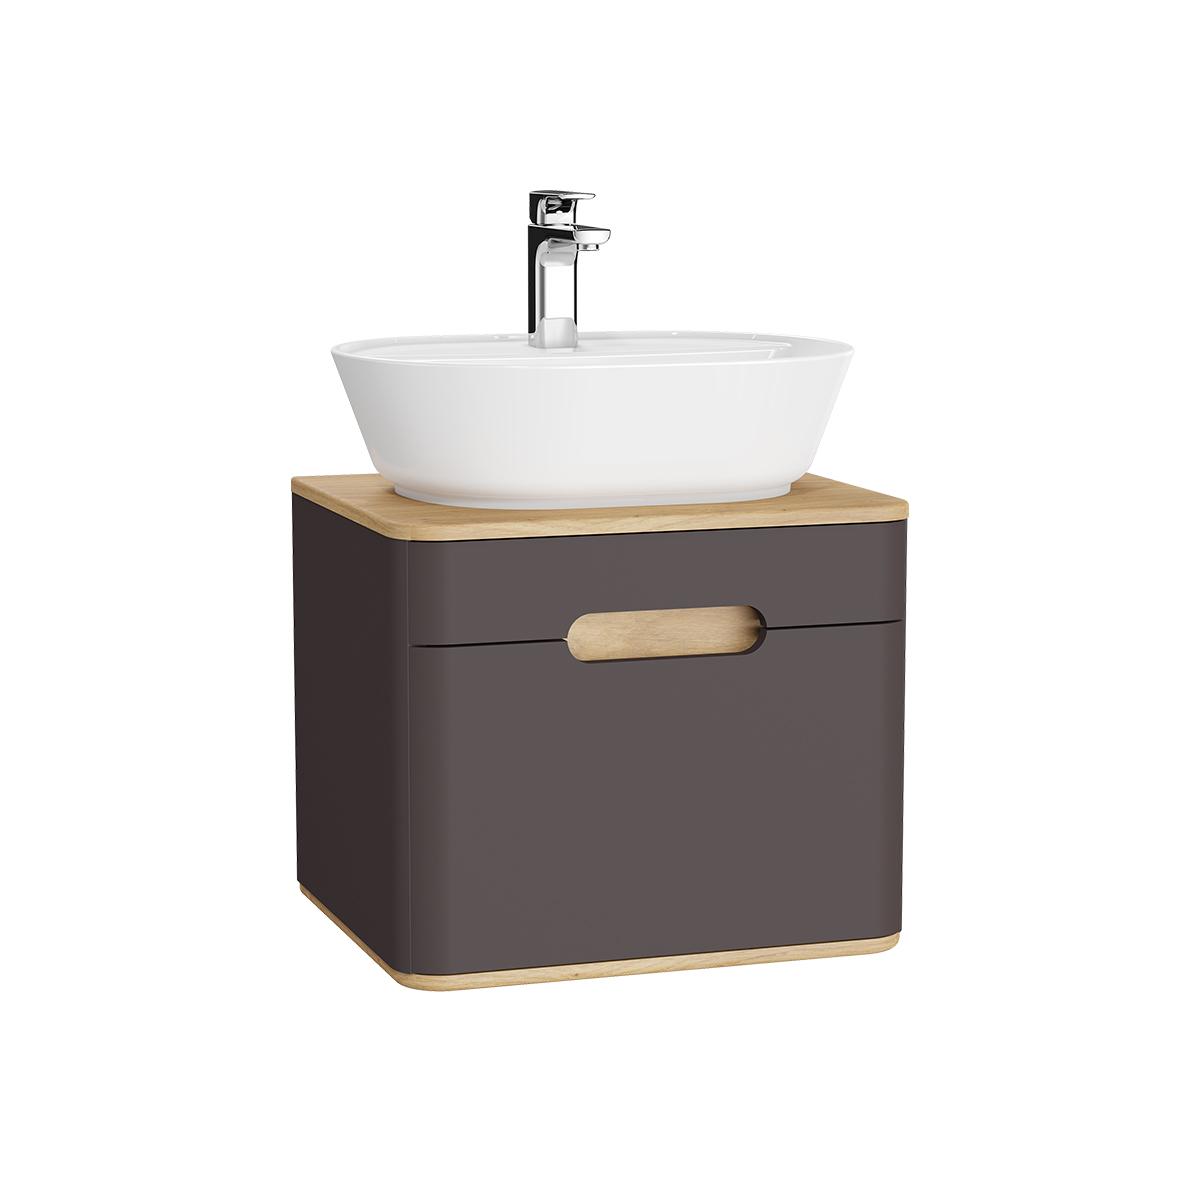 Sento Waschtischunterschrank, 55 cm, für Aufsatzwaschtische, mit 1 Vollauszug, Anthrazit Matt